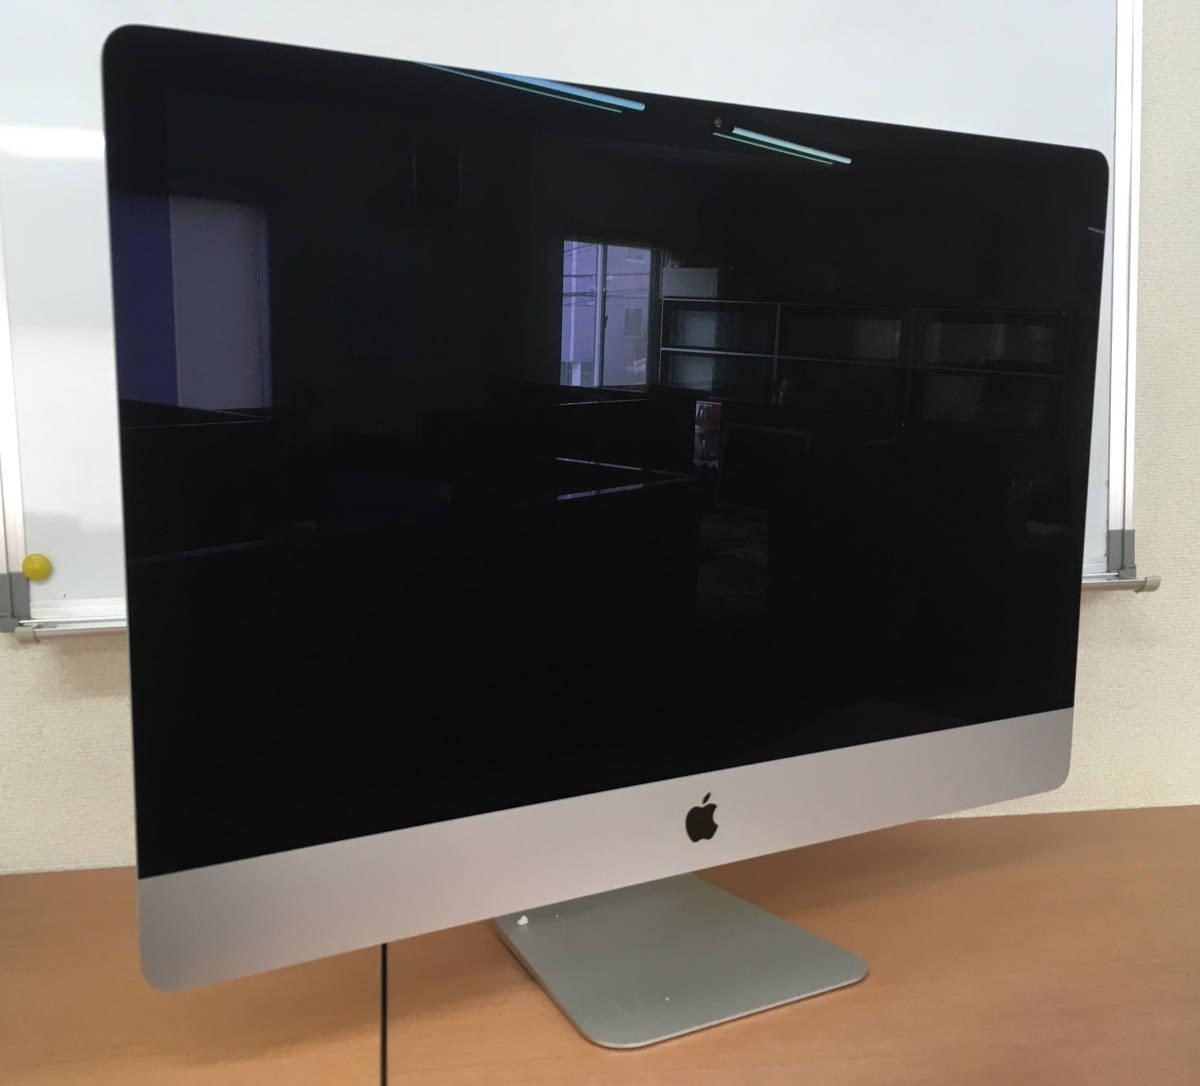 ◇アップル 27inch iMac Core i5 3.4GHz/8GB/1TB◇使用期間 約1年2ヶ月◇